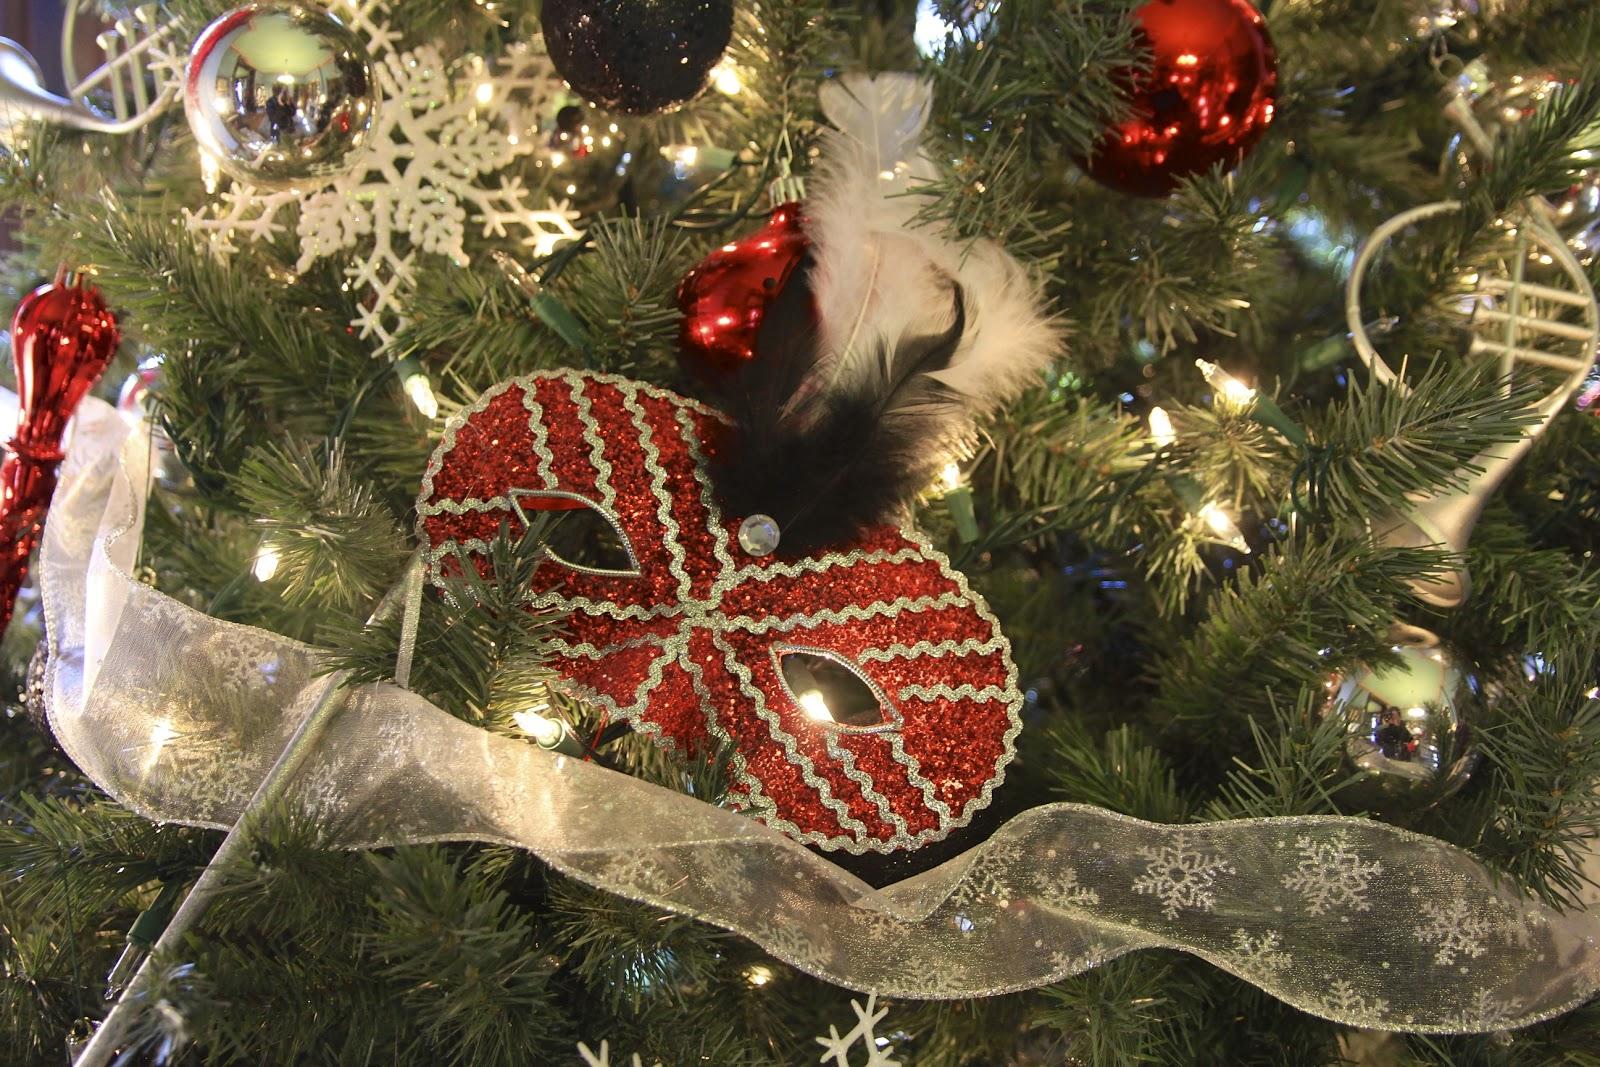 #A83323 Joyeux Noël C'est Bientôt La Saint Valentin !!! Ou  5329 décorations de noel aux etats unis 1600x1067 px @ aertt.com